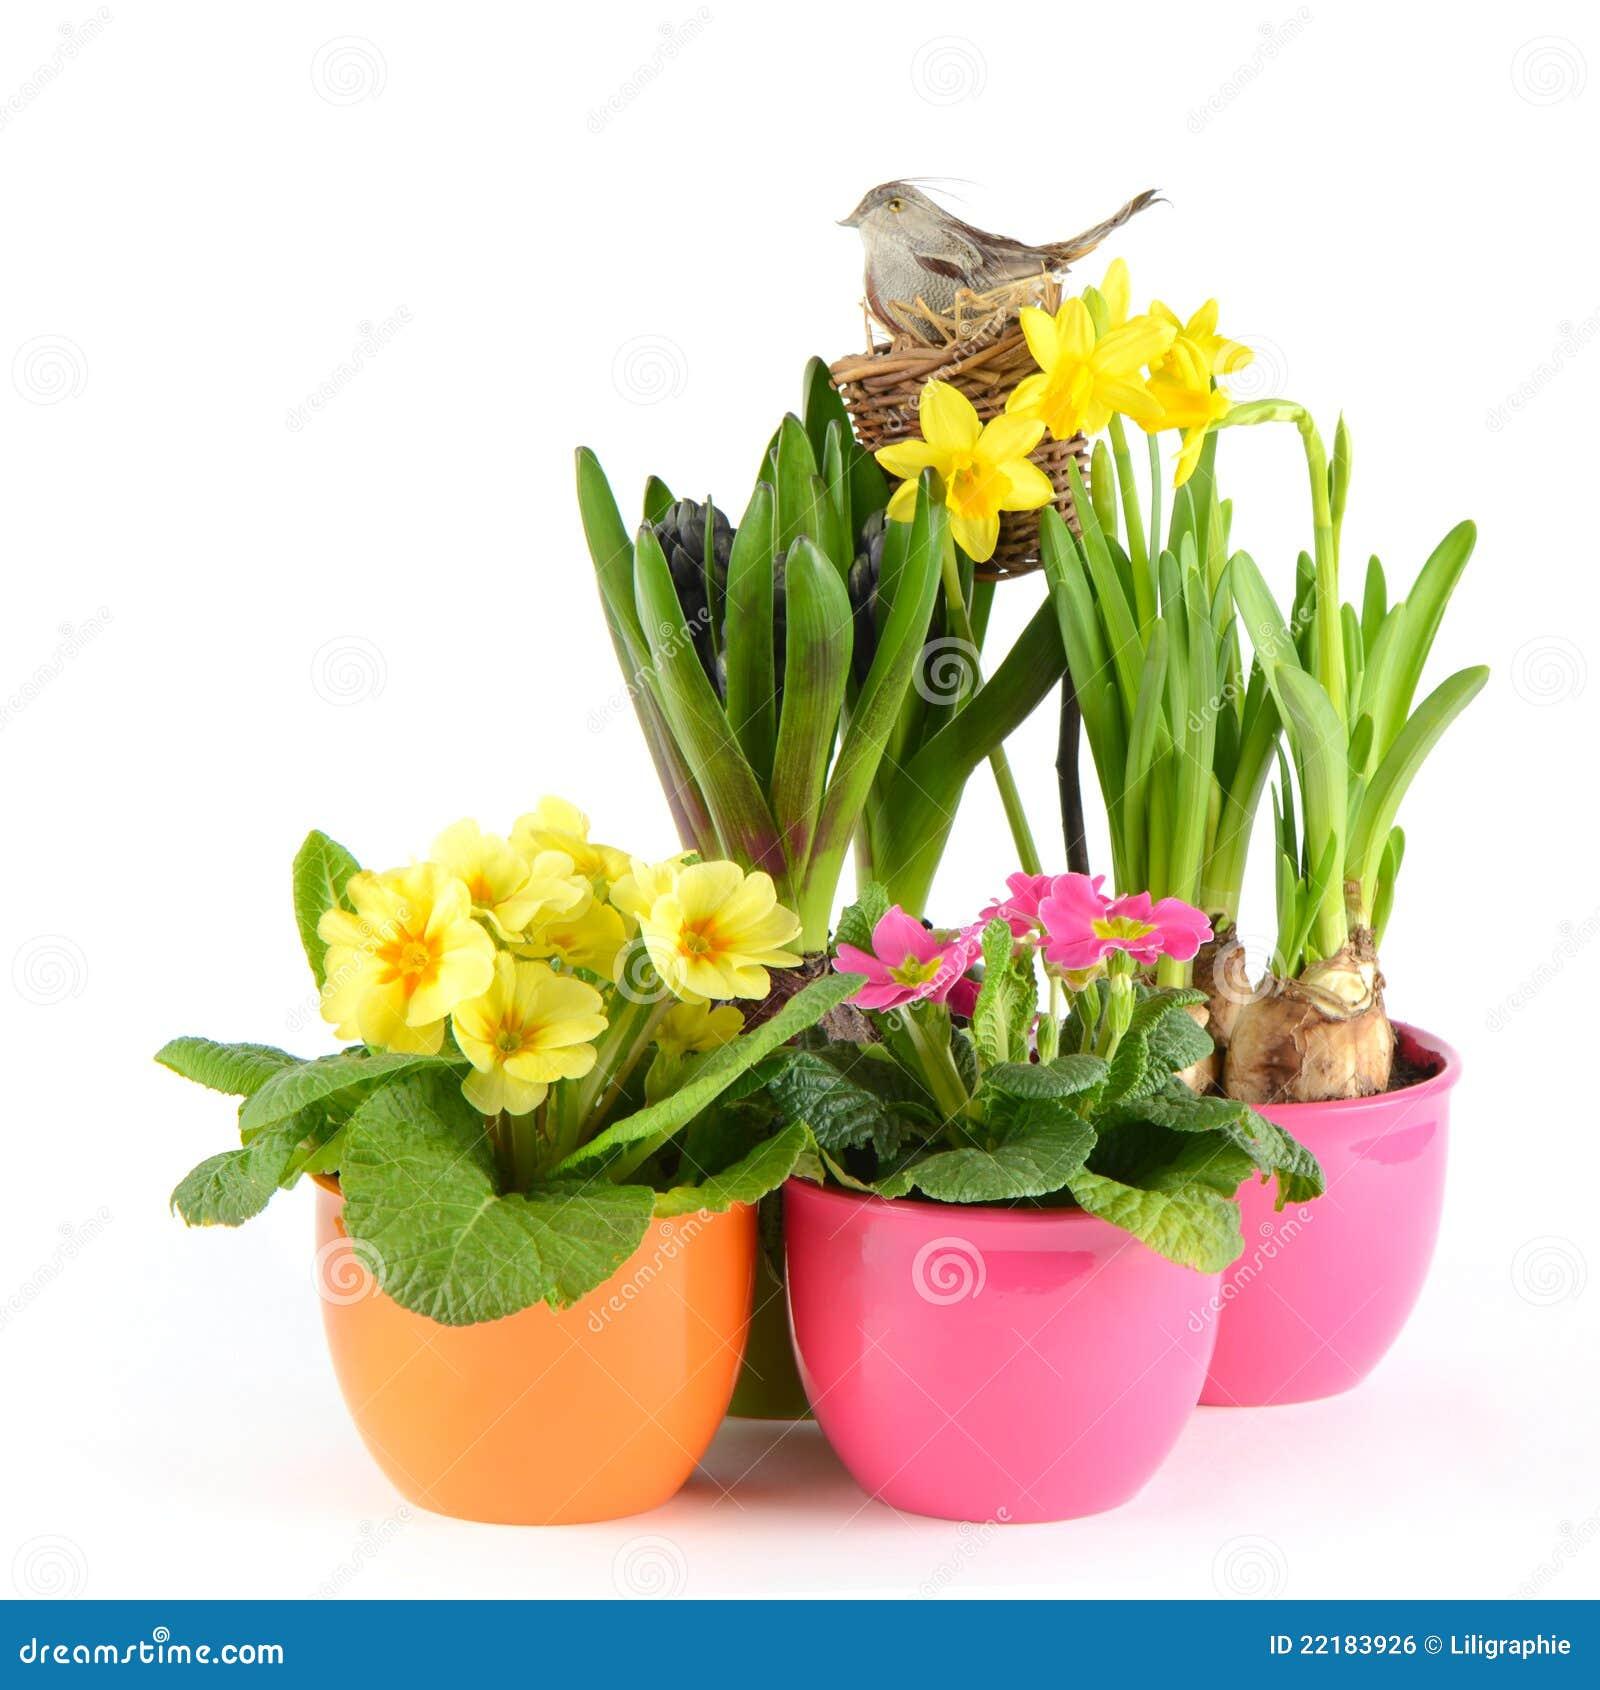 fleurs fra ches de source d coration de p ques image libre de droits image 22183926. Black Bedroom Furniture Sets. Home Design Ideas